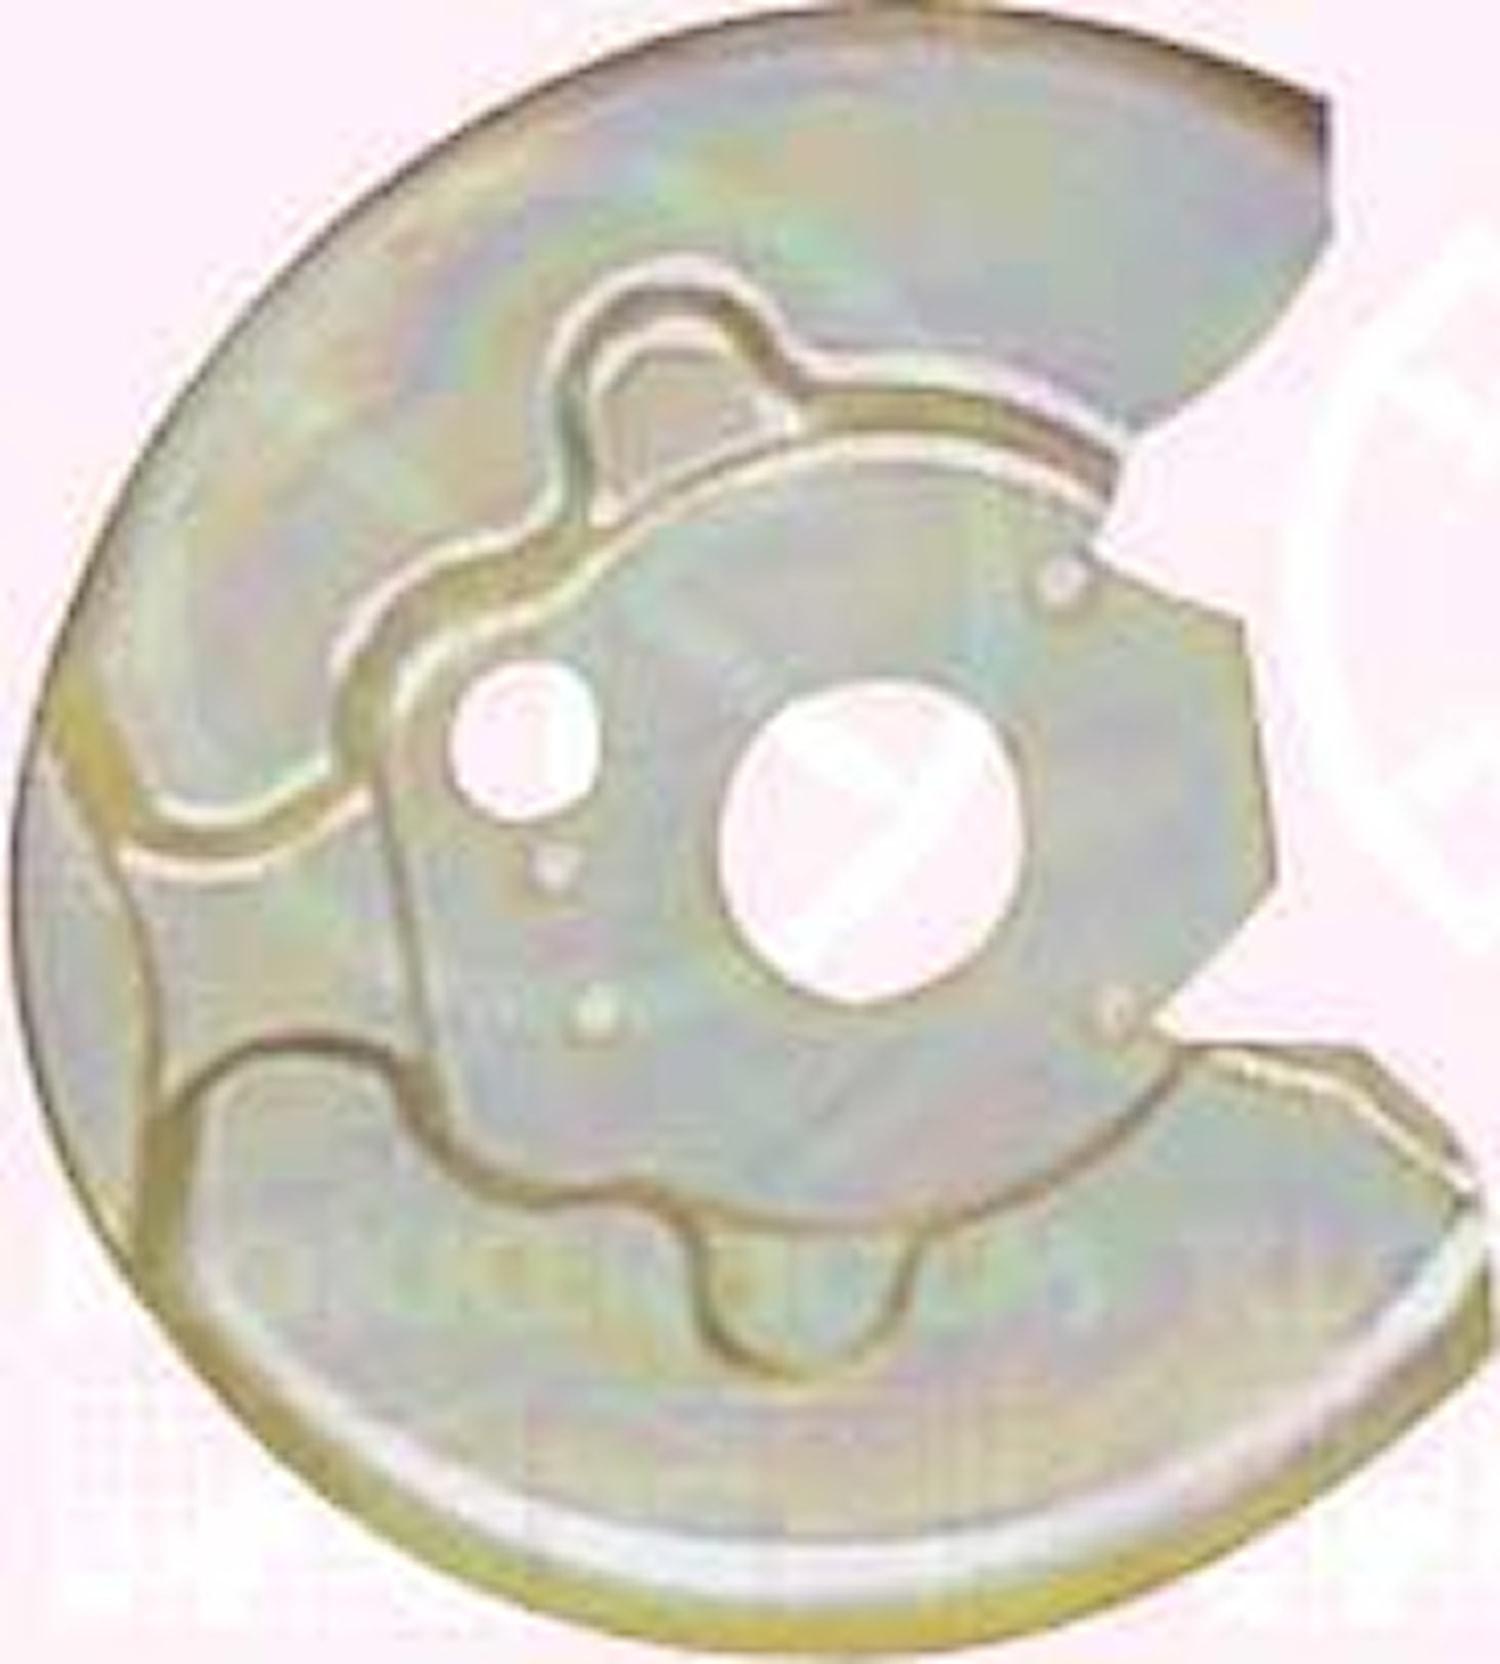 Bromssköld fram(abs)